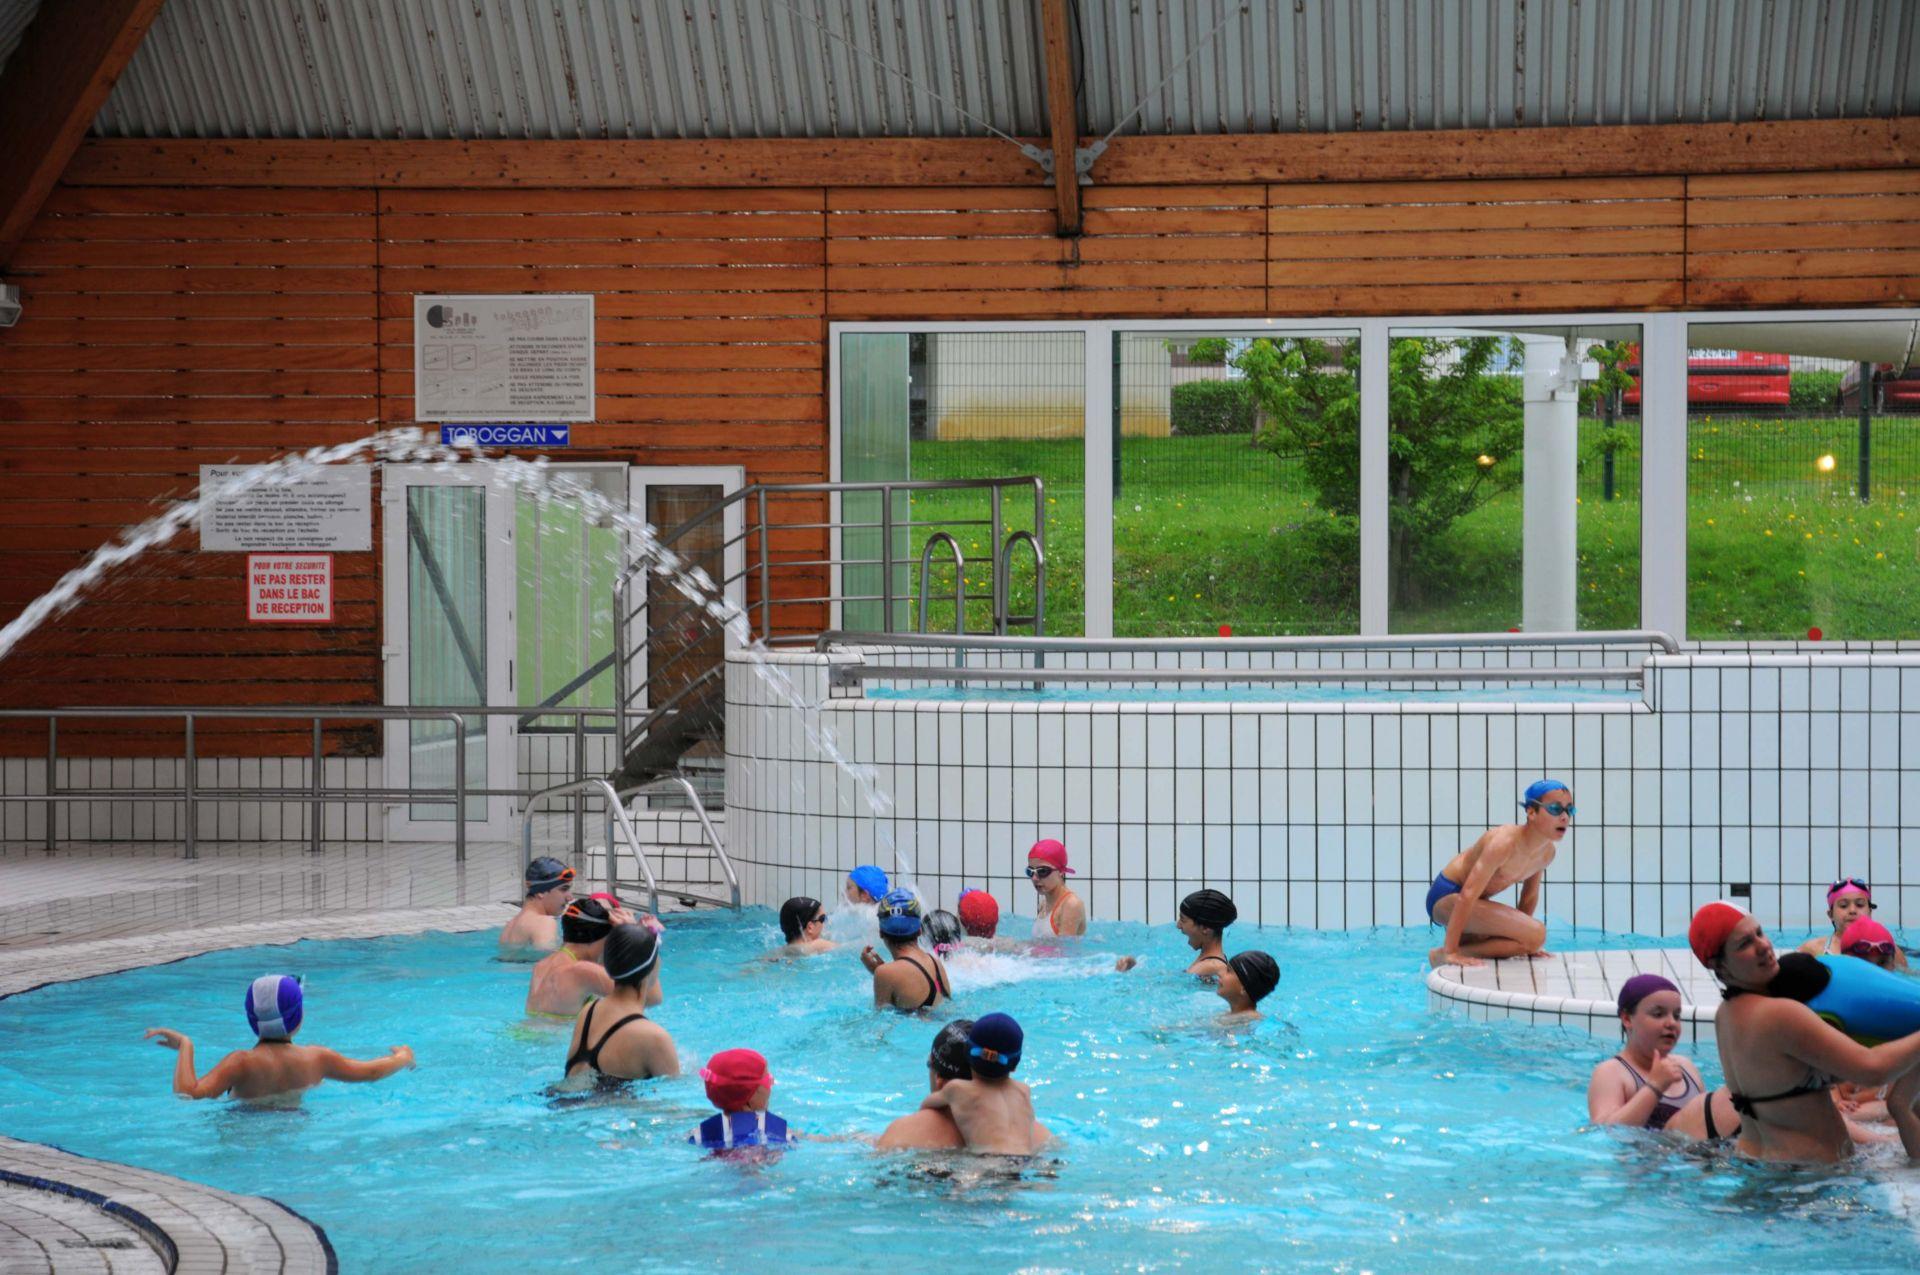 La piscine olympique lorraine tourisme for Piscine olympique